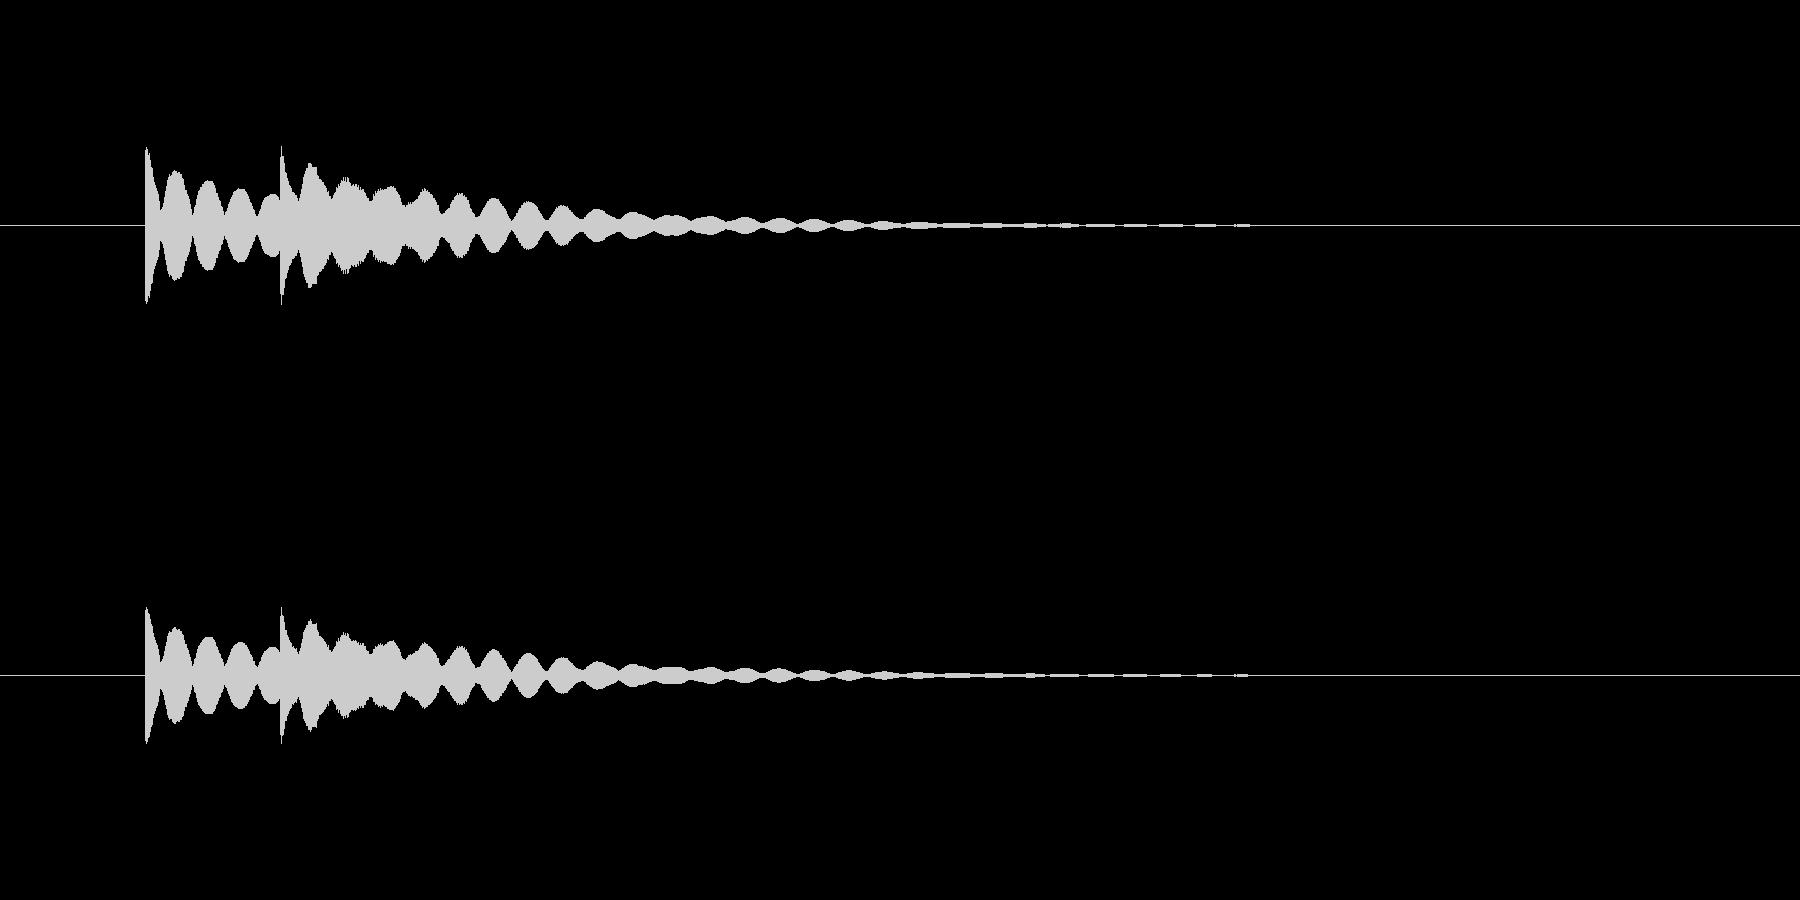 ピンポン(注目、ベル、お知らせ)の未再生の波形